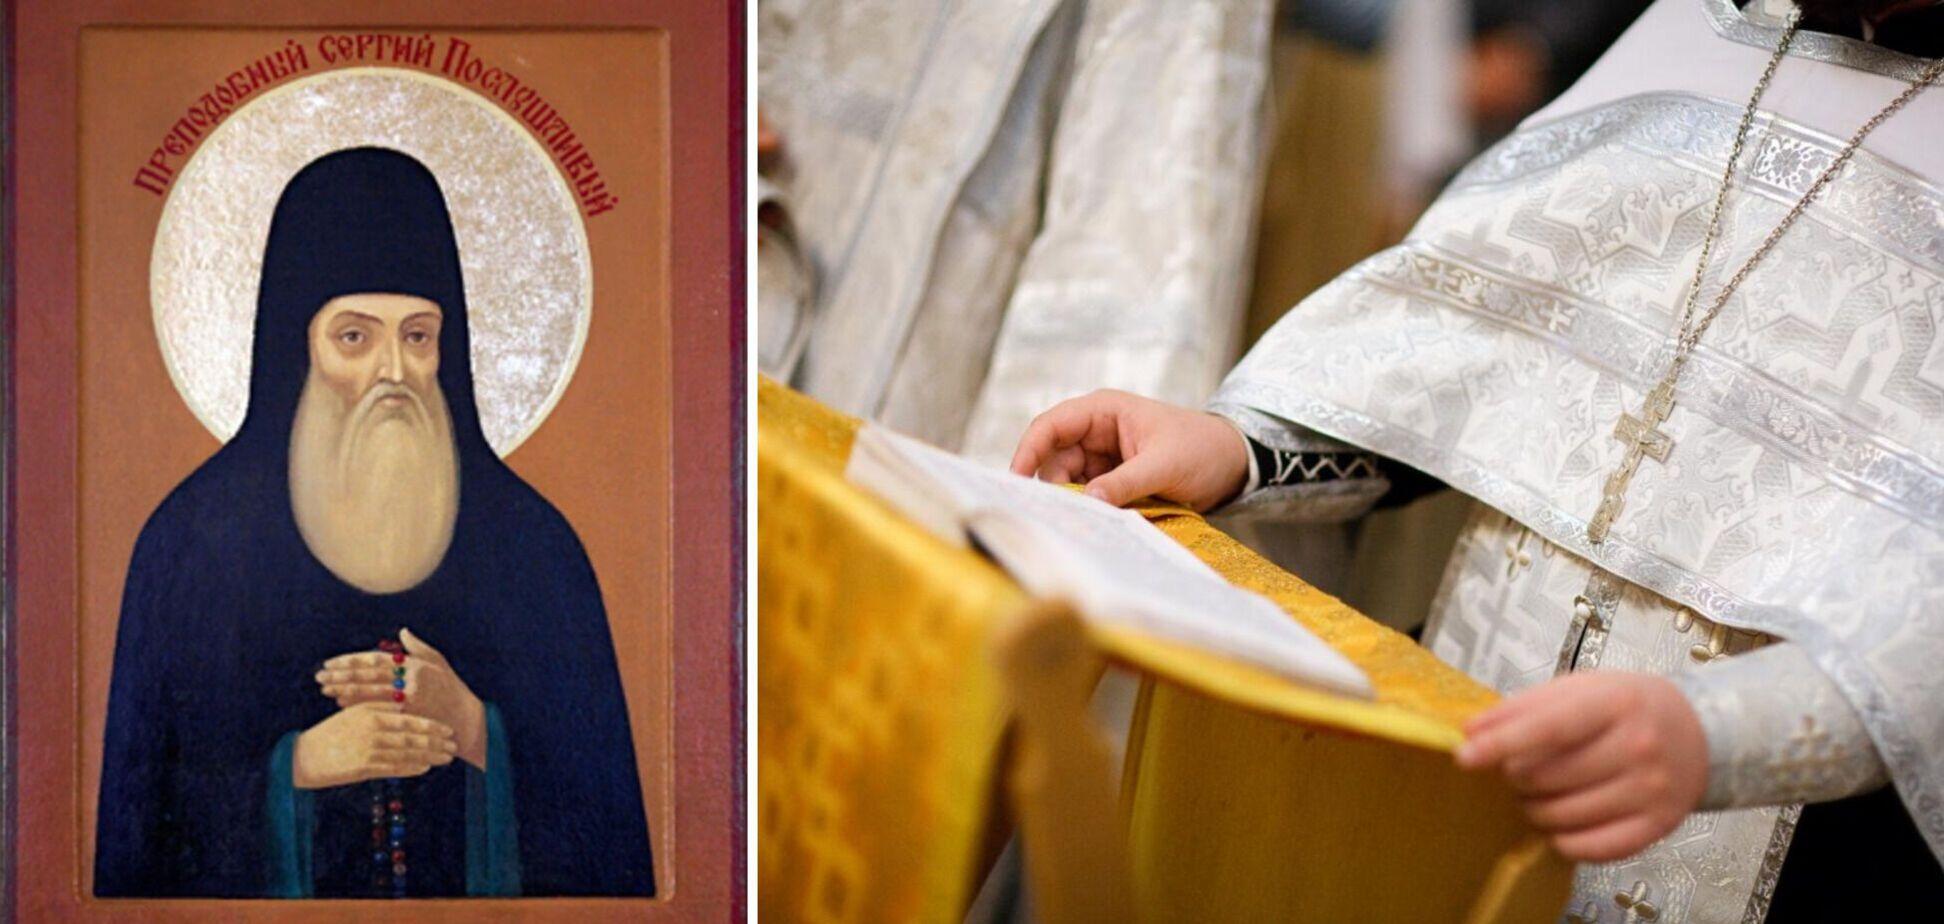 20 жовтня: яке свято, що не можна робити на Сергія Печерського, народні прикмети, іменини